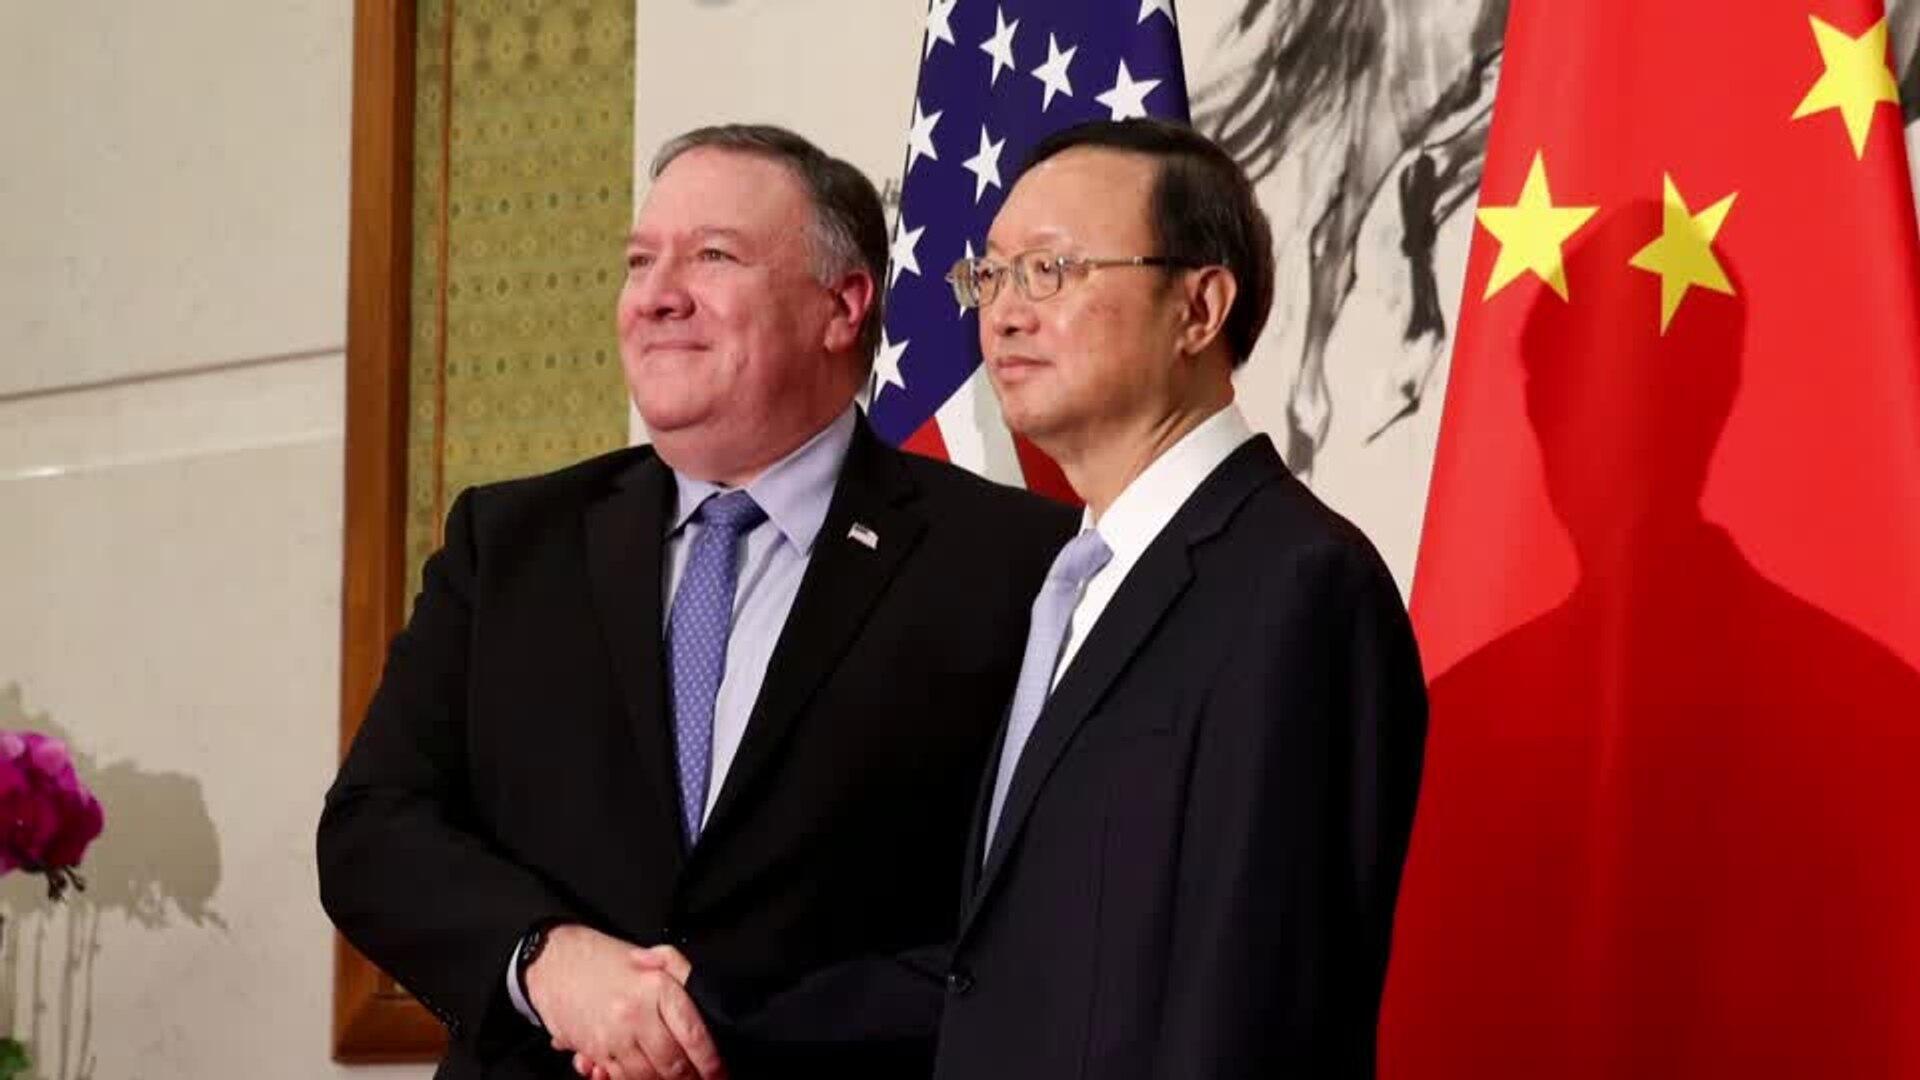 美國務卿蓬佩奧與中共中央政治局委員楊潔篪資料圖片